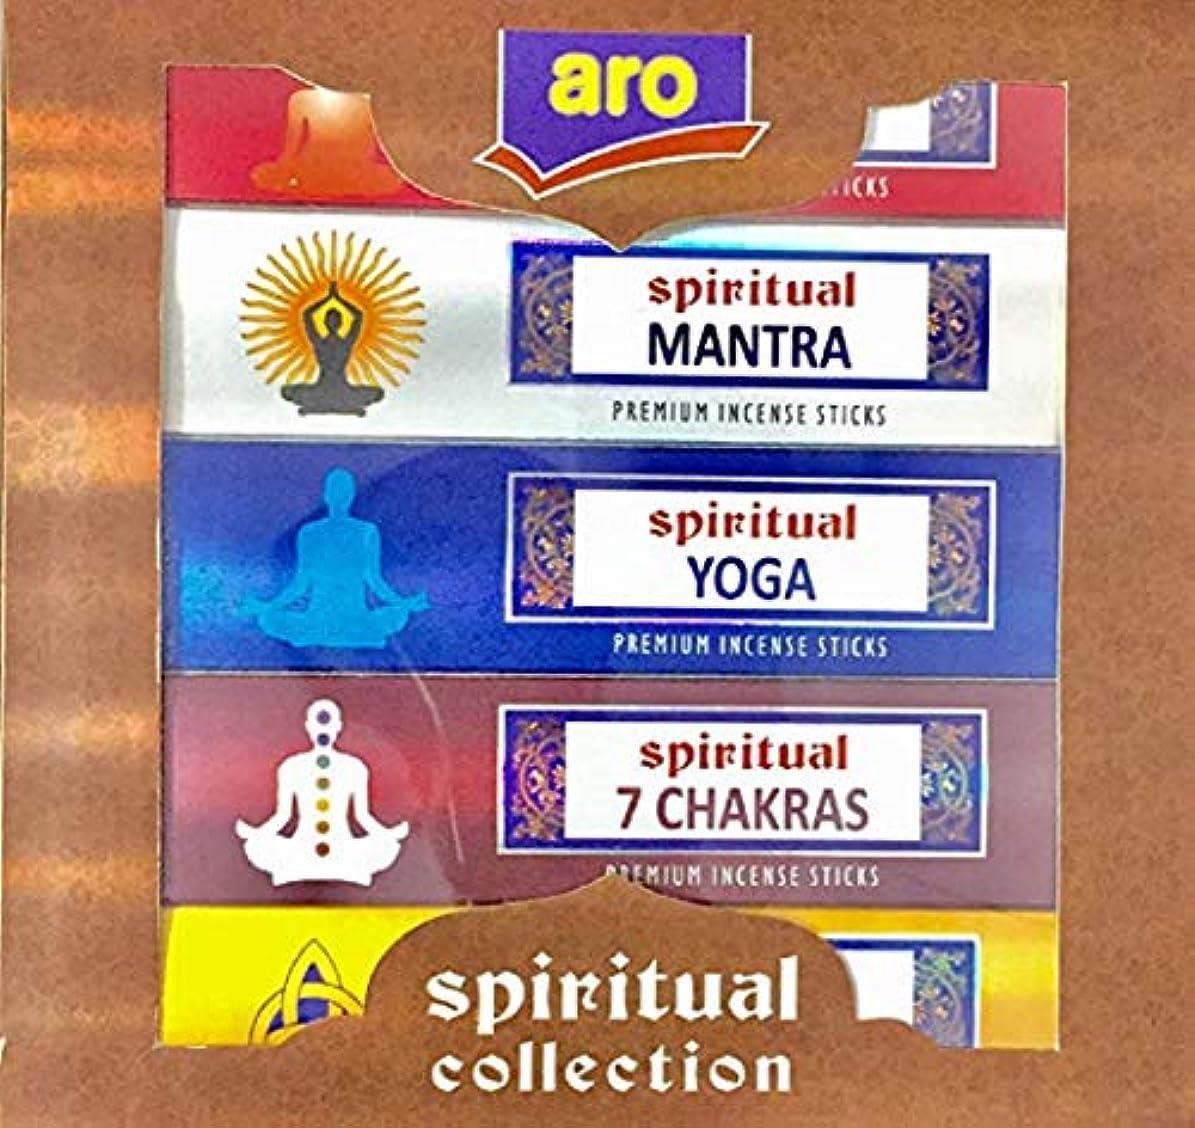 年金人種贅沢なAro – SpiritualコレクションプレミアムIncense Sticks – Spiritual Guru、Spiritual Mantra Spiritualヨガ、Spiritual、7チャクラ、& Spiritual Wisdom – Buy Only at E _小売Deals。